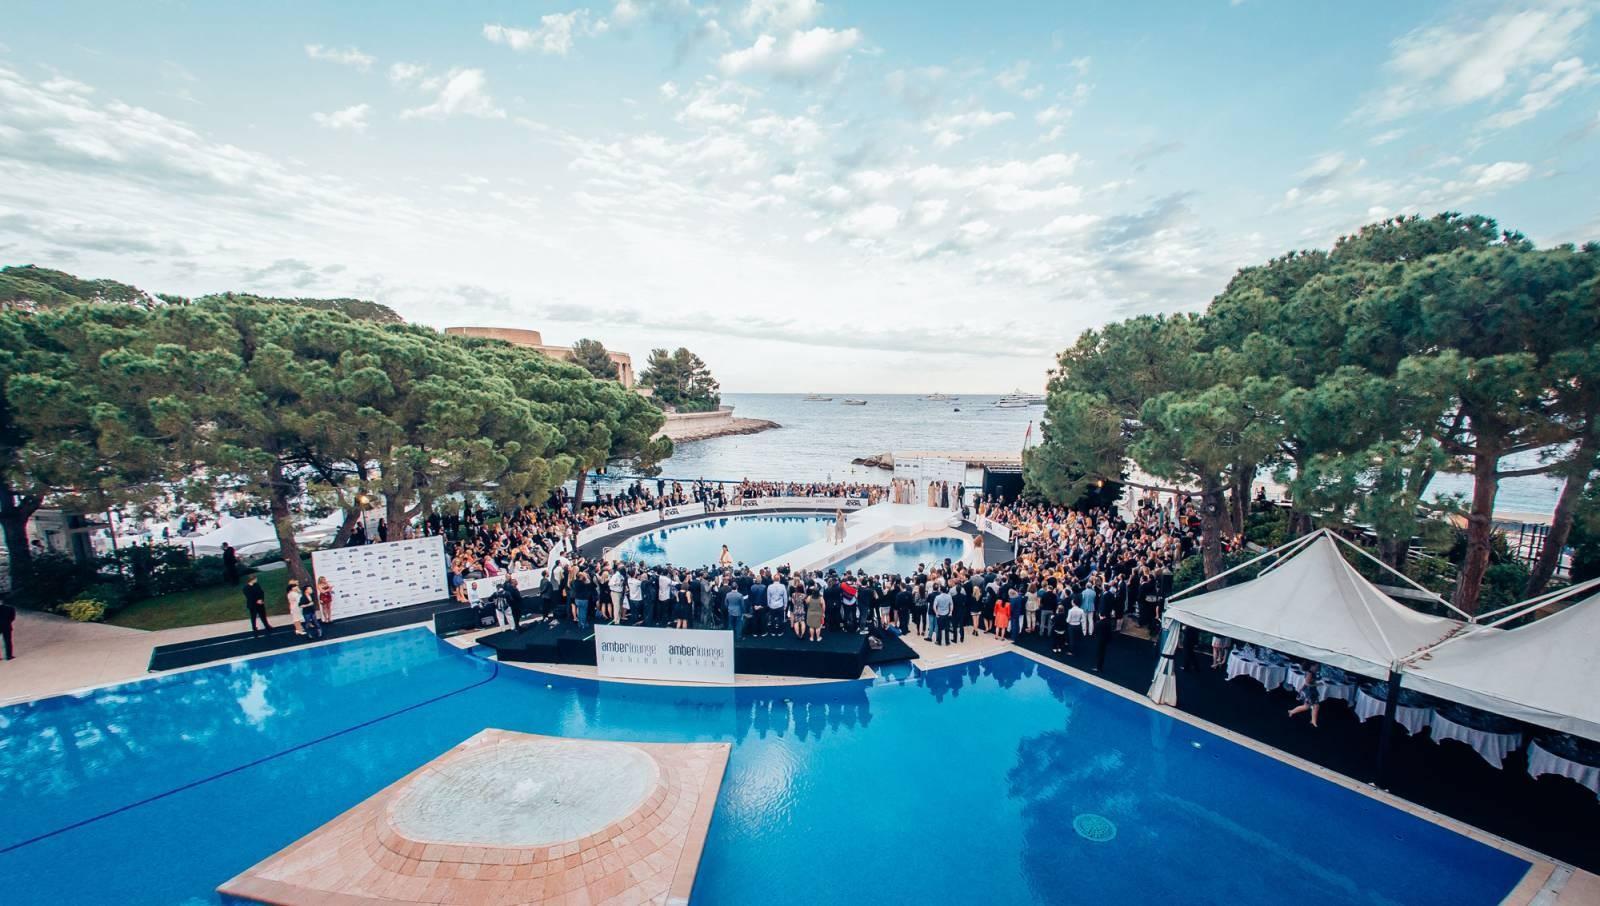 amber-lounge-monaco-2015-2016